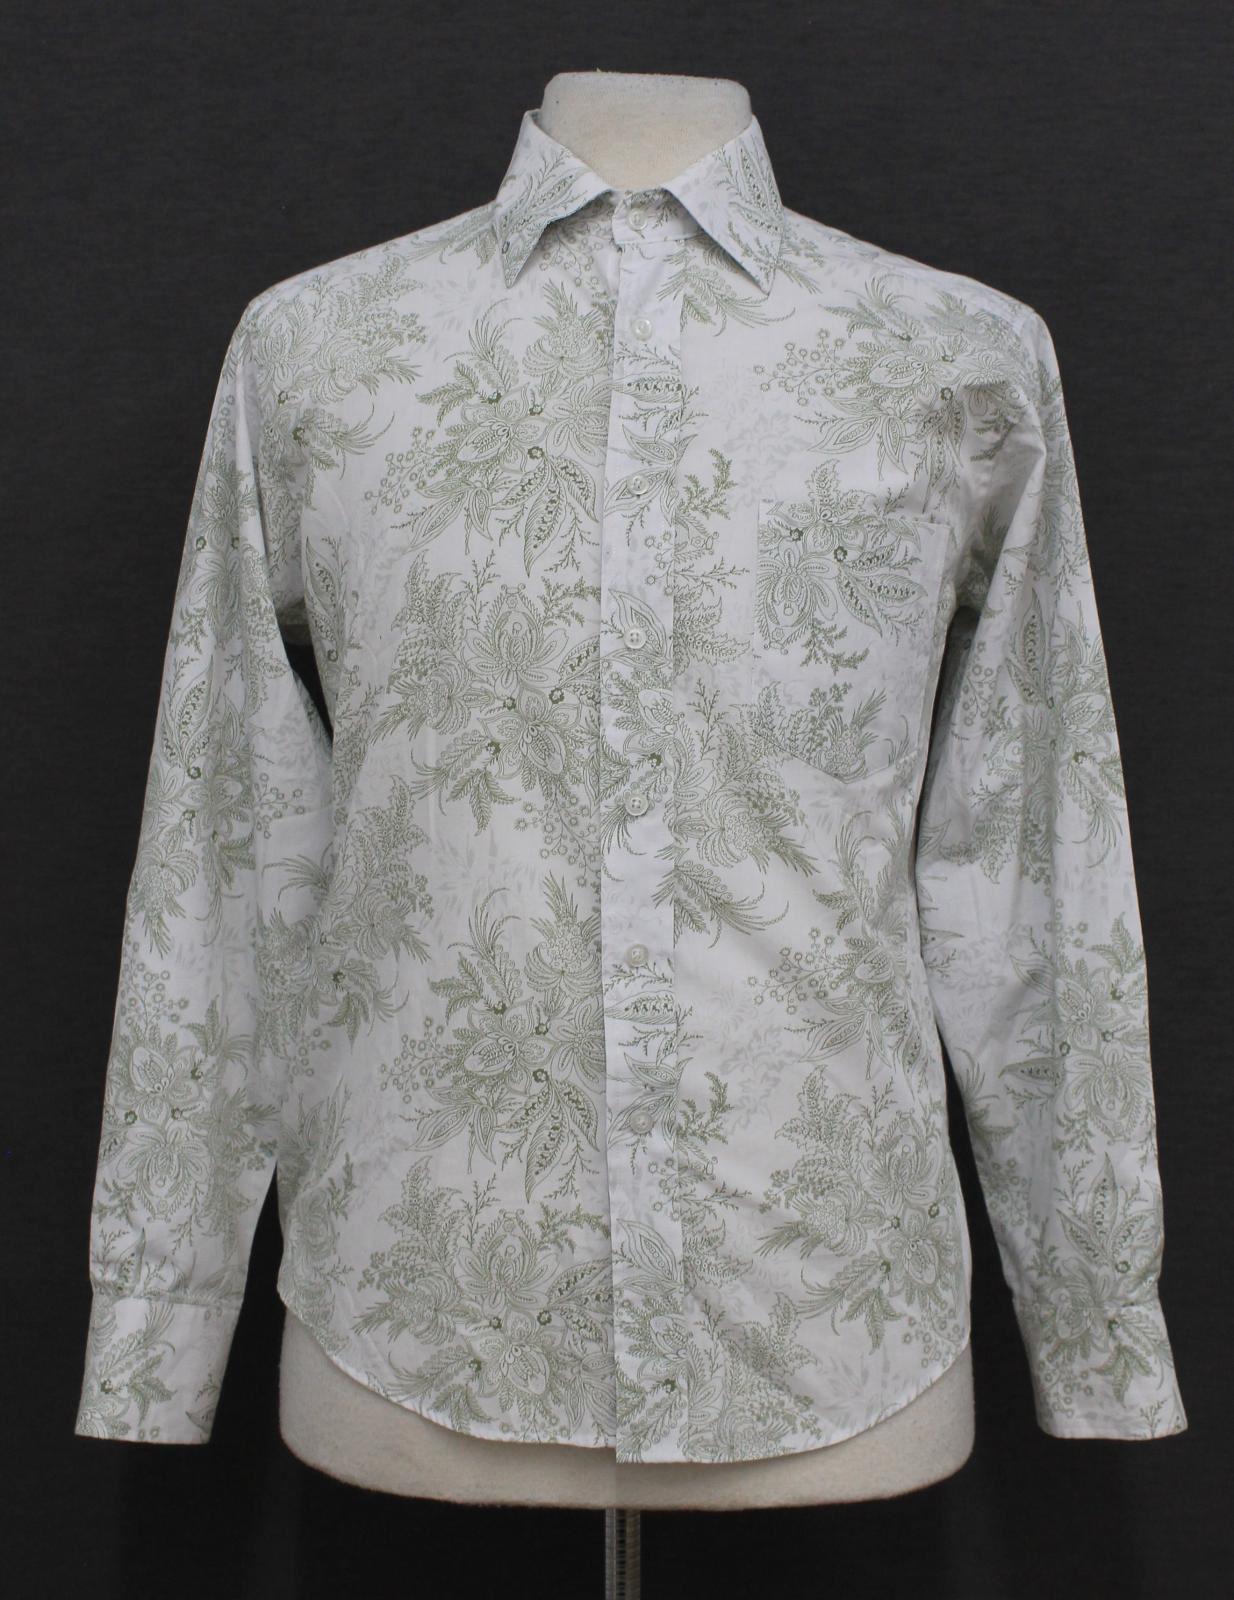 Paul-Smith-Para-Hombre-Blanco-Algodon-Con-Patron-Floral-Con-Cuello-Informal-Camisa-Talla-M